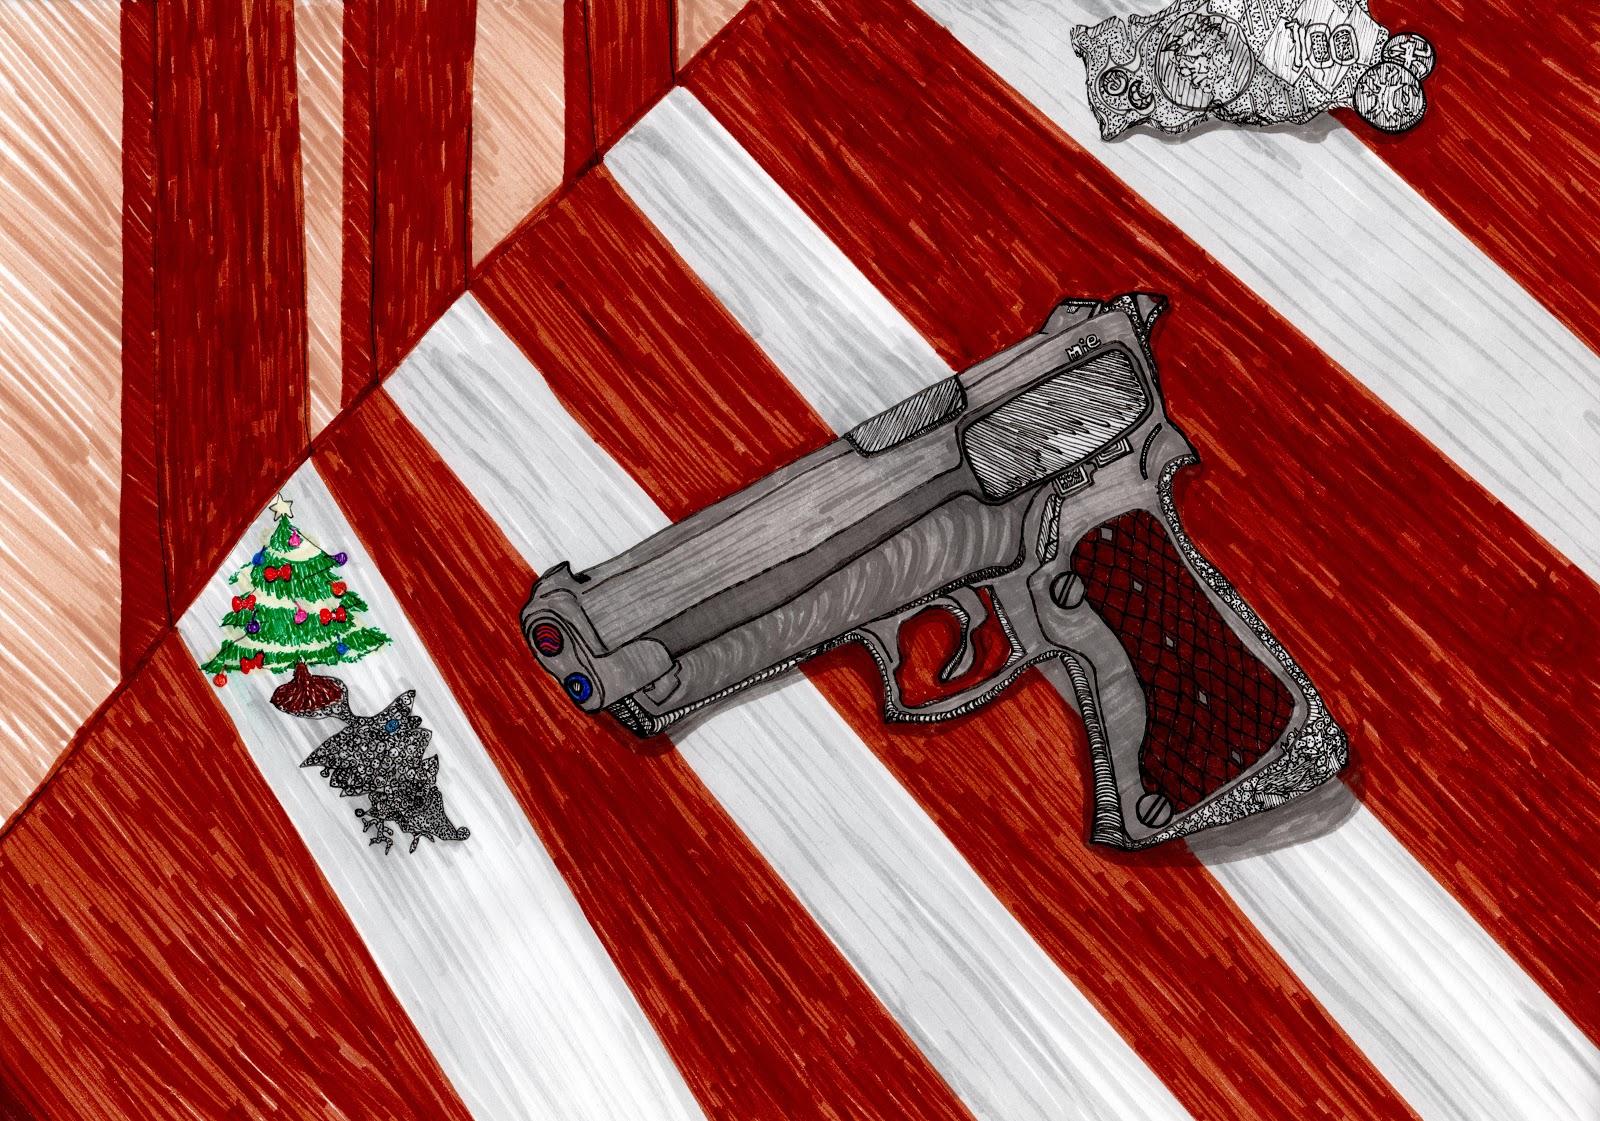 すべては卓上において ~メリー・クリスマス~ /In all tabletop ~ Merry Christmas ~